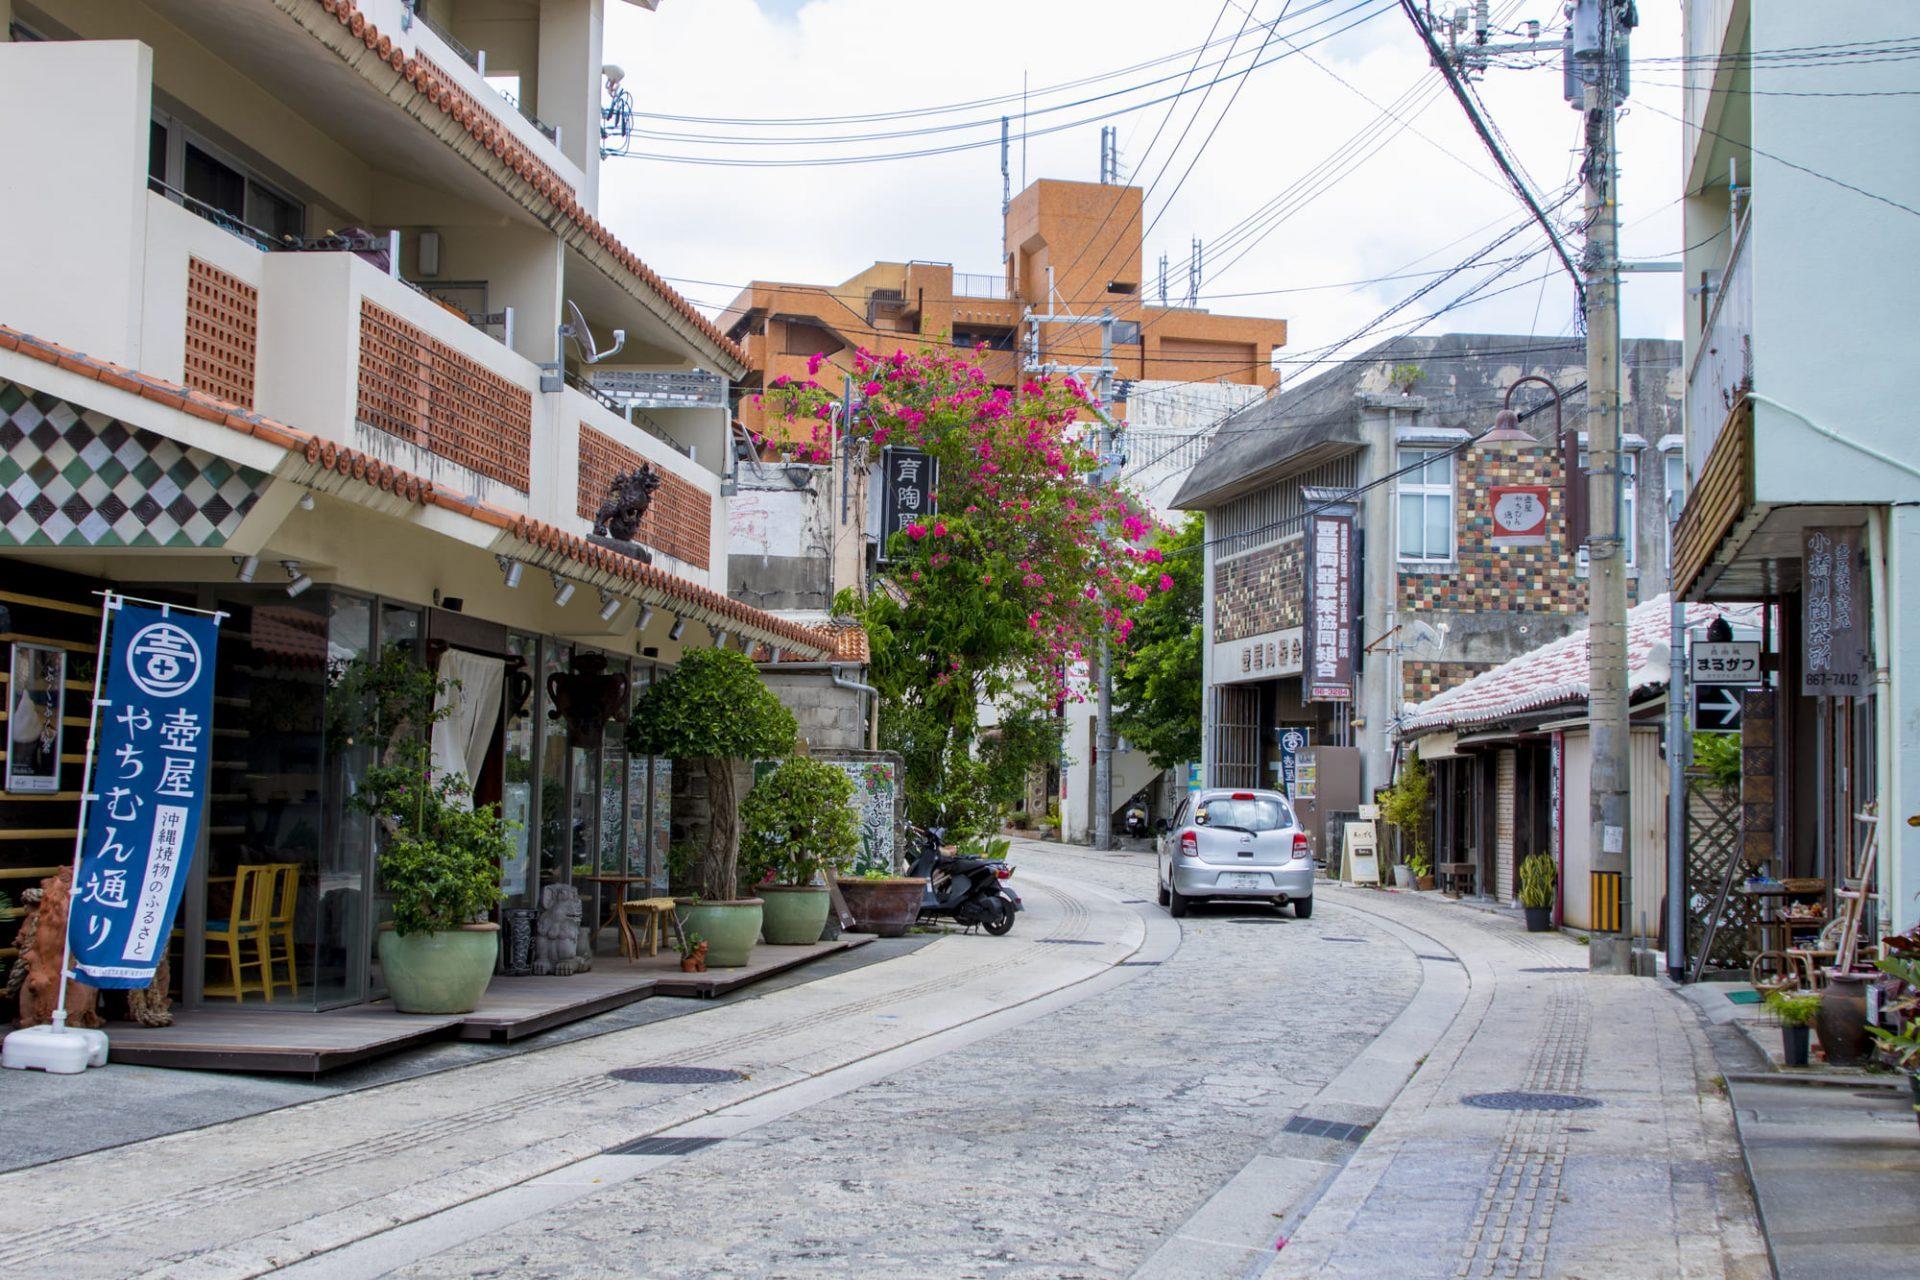 沖縄 観光 冬 1月 2月 12月 旅行